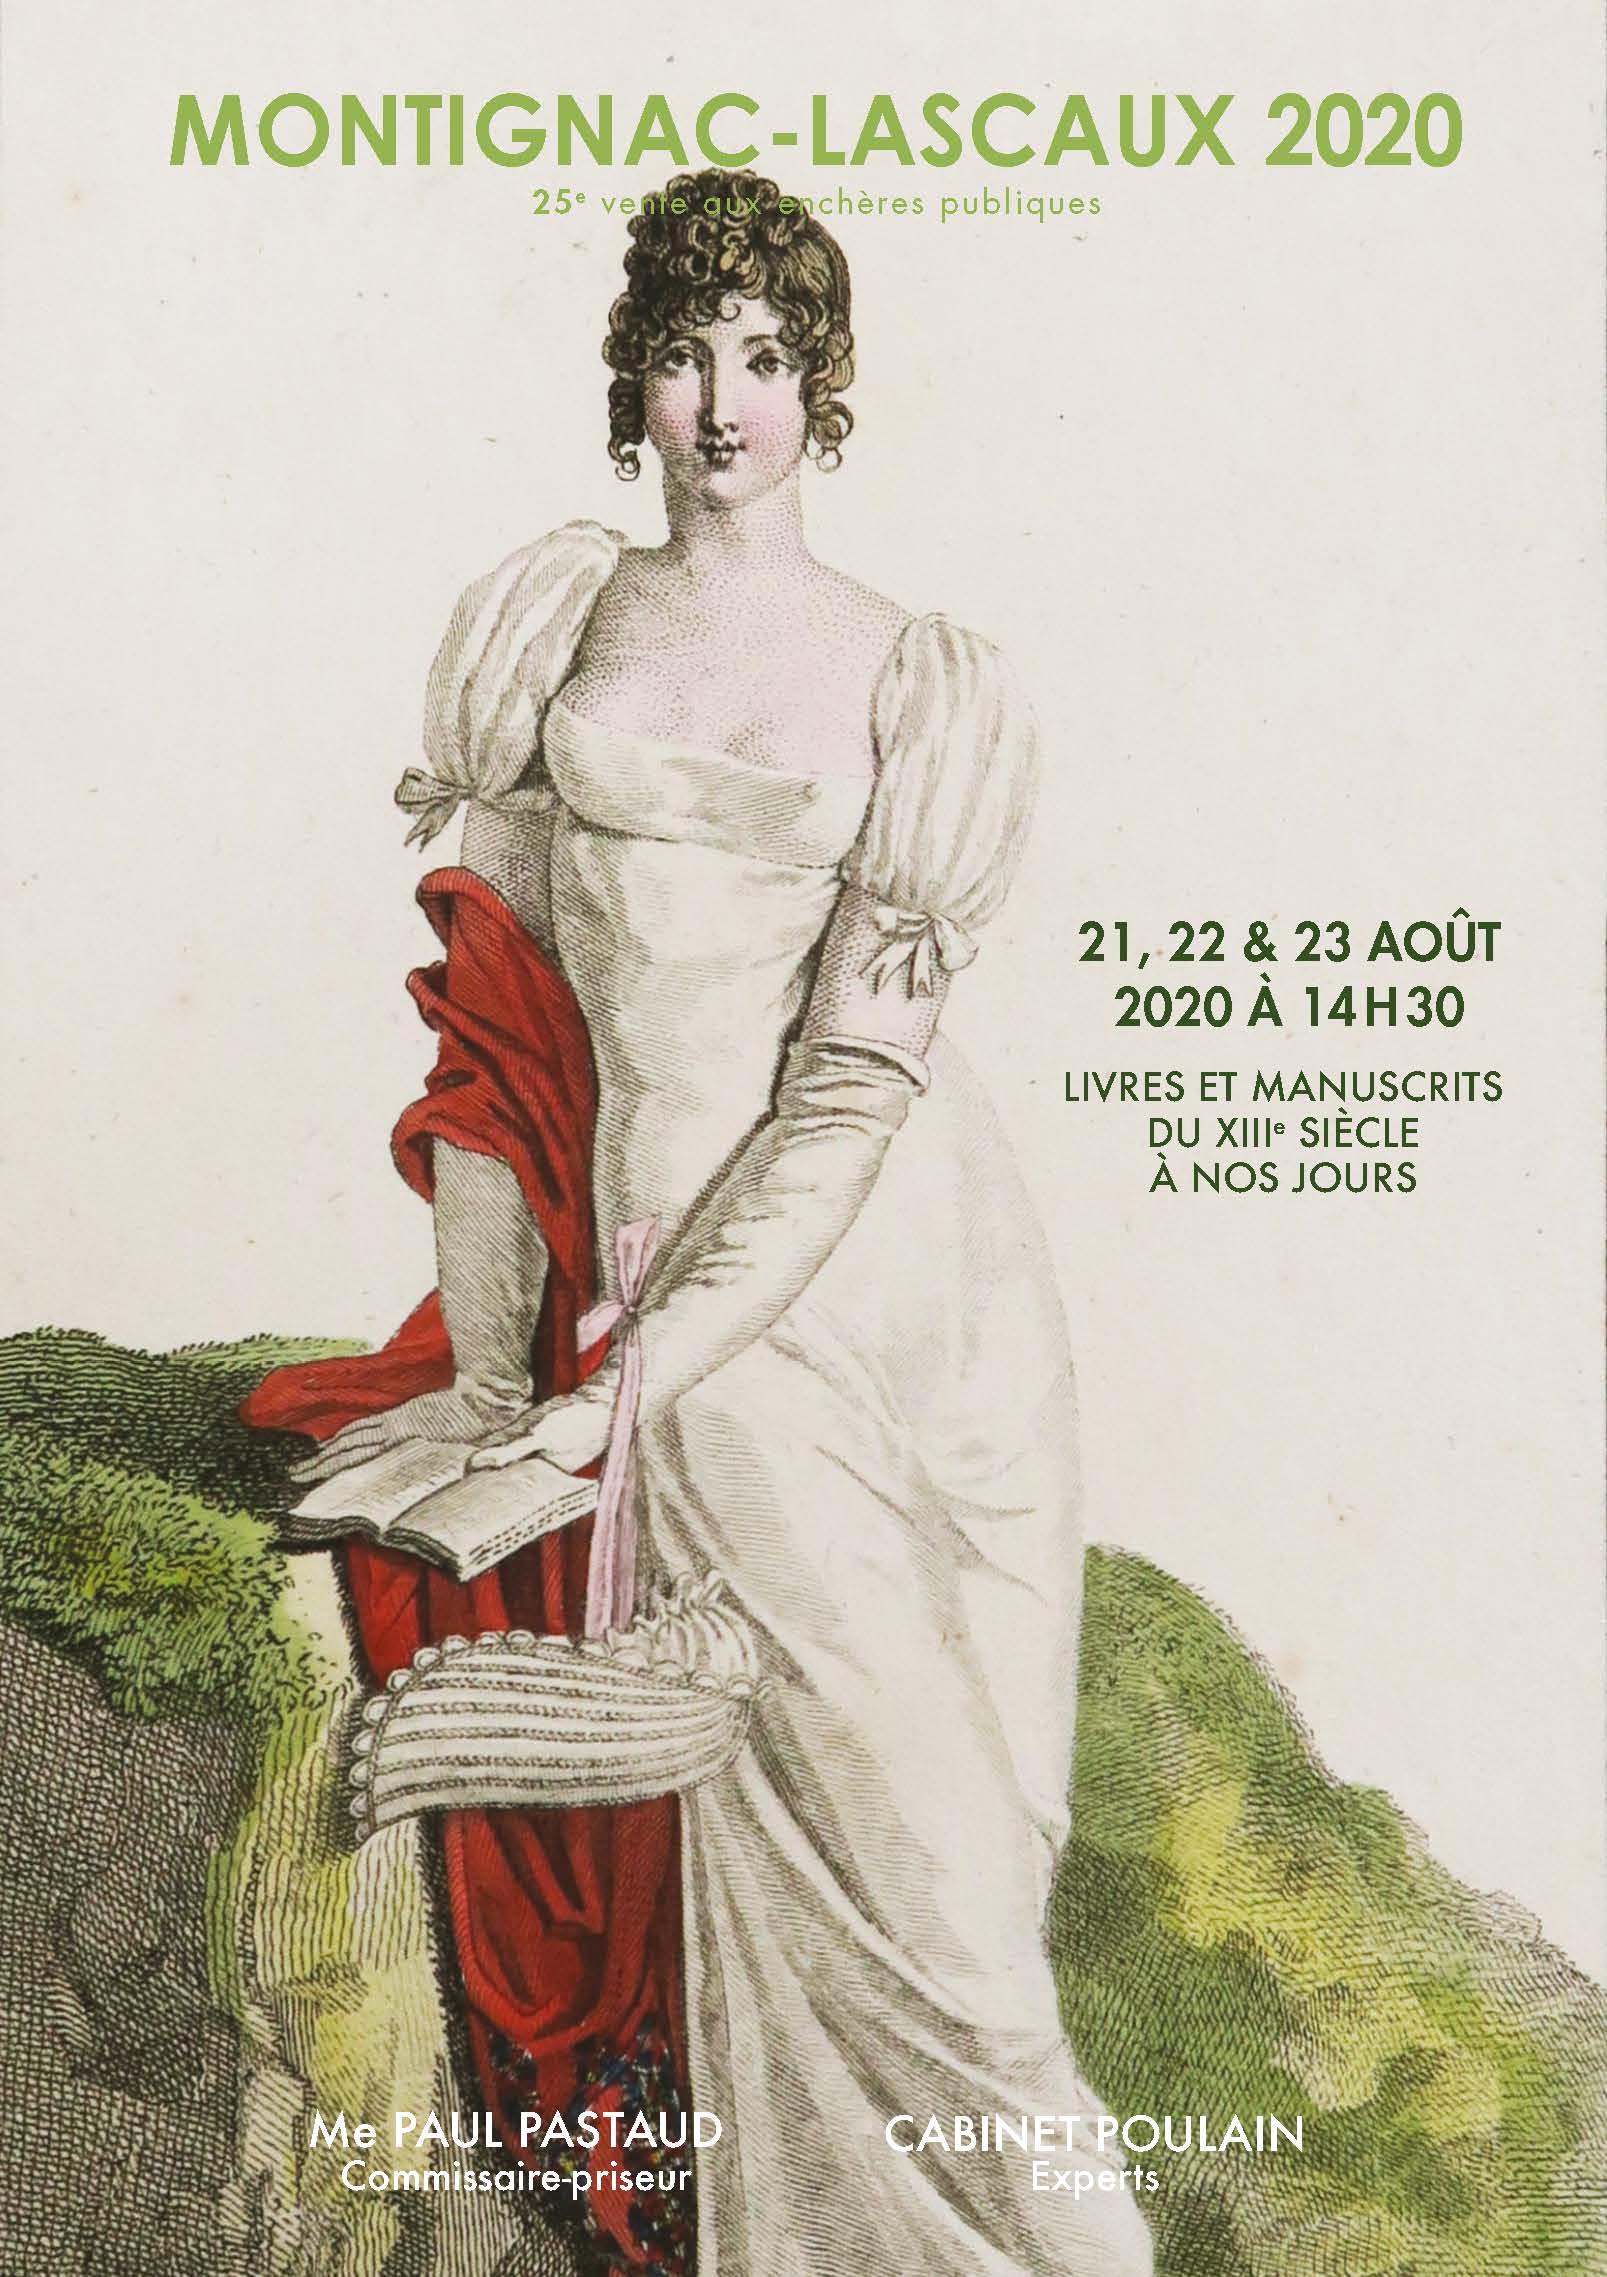 Vente Montignac : 25e vente de Livres Anciens et Modernes - 2e jour (n°559 à 1133)  chez PASTAUD Maison de Ventes aux Enchères : 576 lots